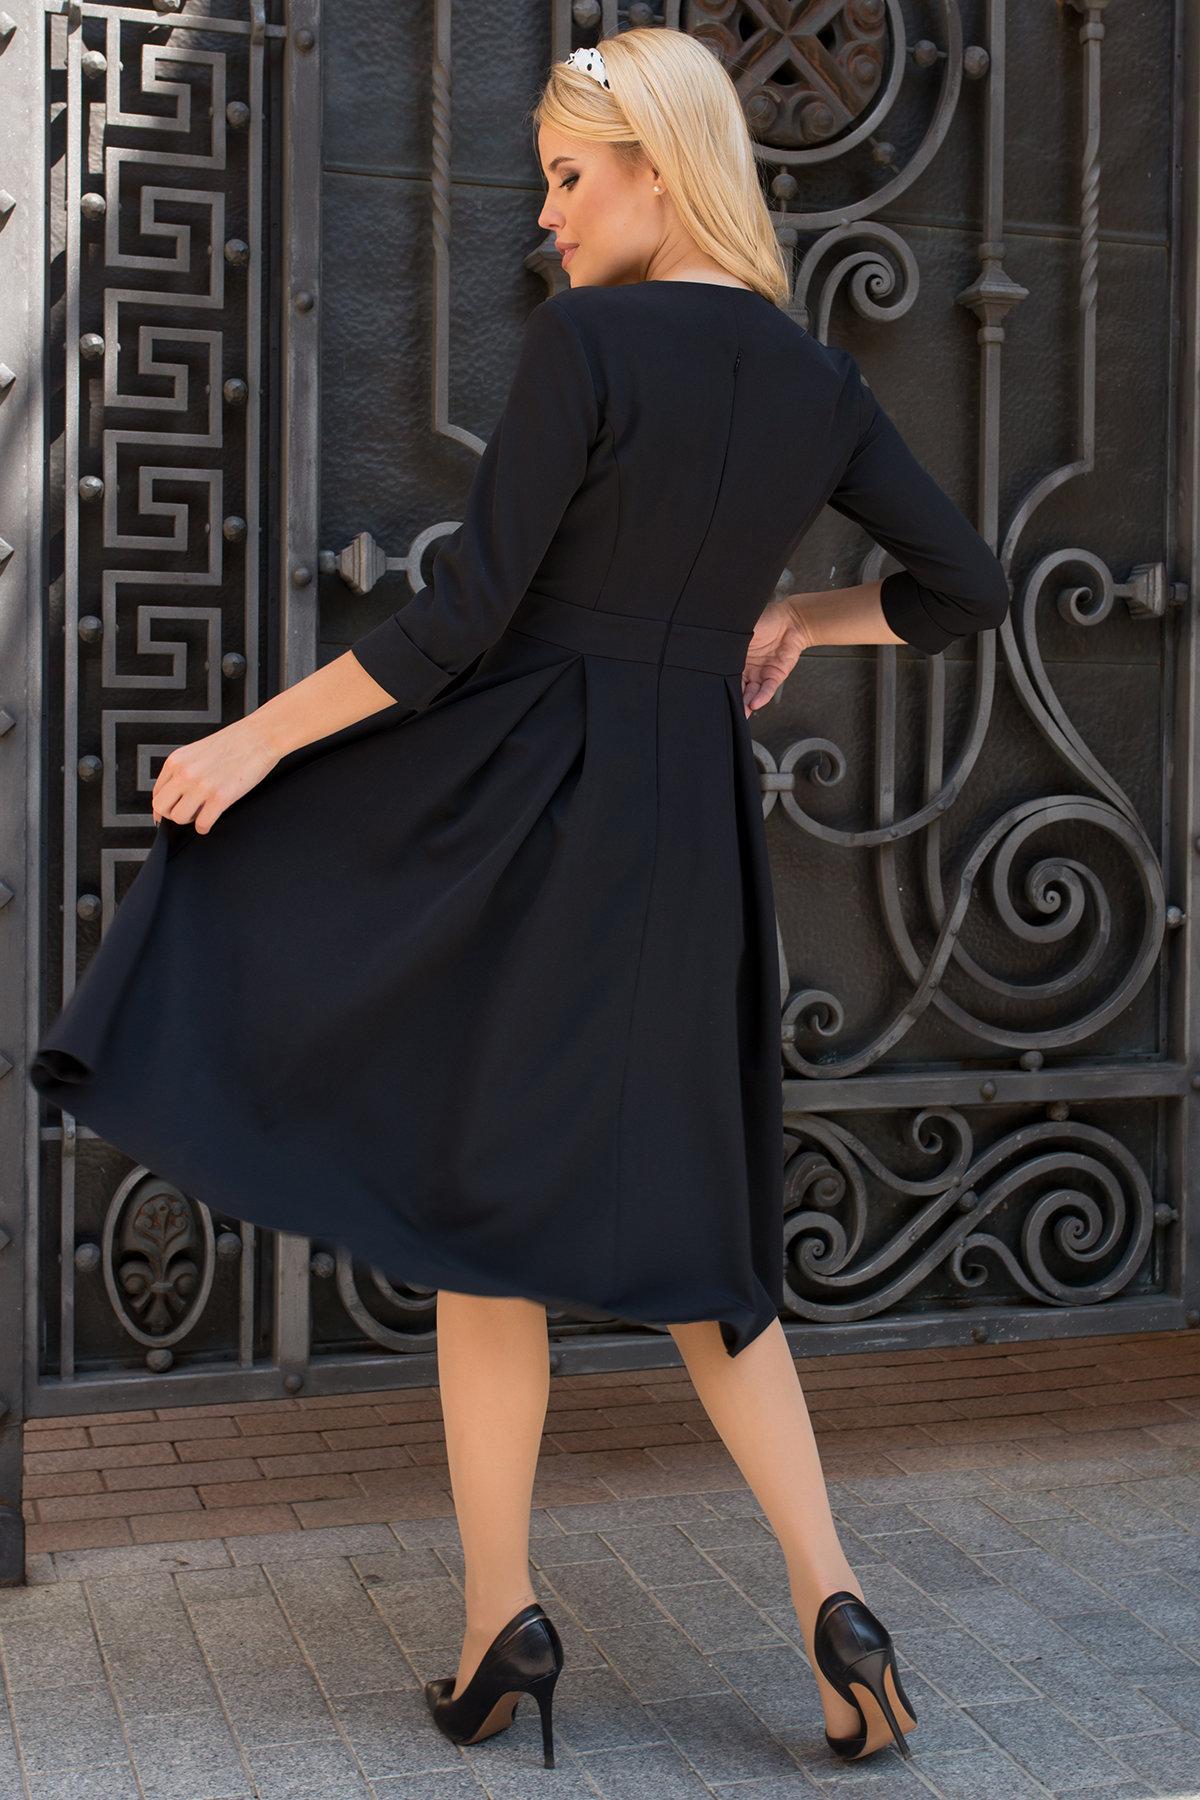 Платье с юбкой-солнце Аризона 7849 АРТ. 43752 Цвет: Черный - фото 2, интернет магазин tm-modus.ru